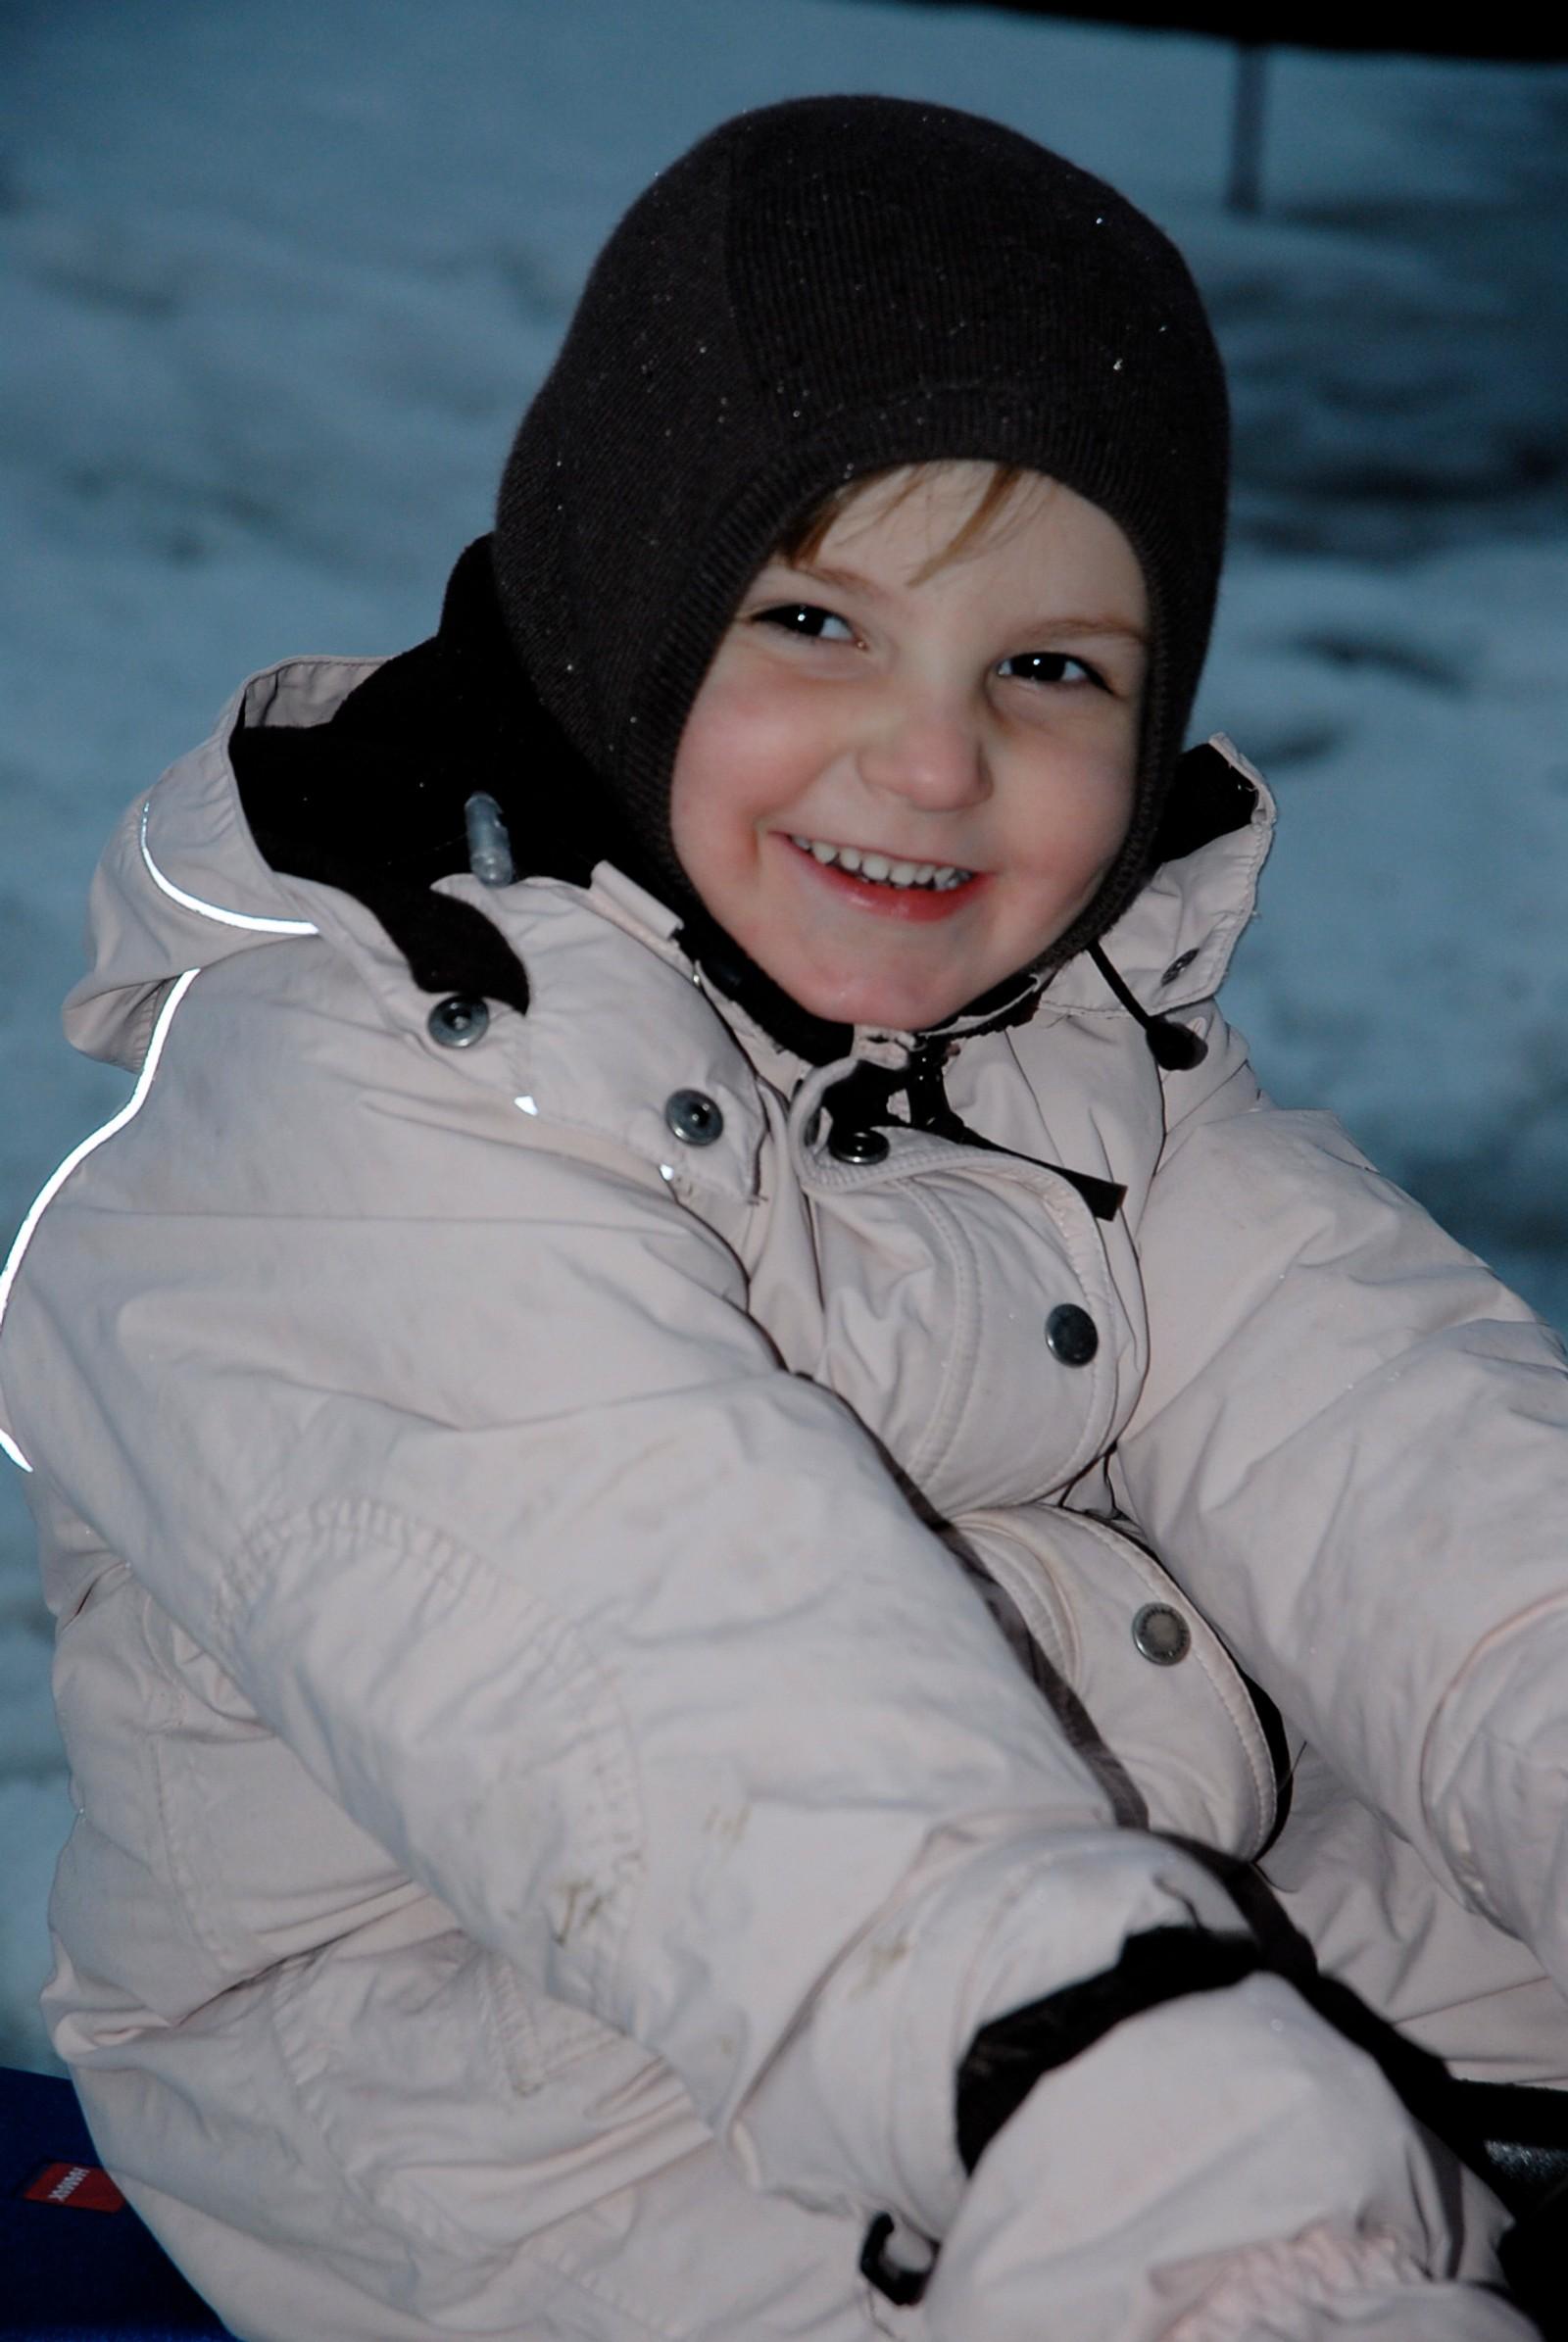 4 ÅR: Endå eit bursdagsbilde i snøen for januarprinsessa. Fire år gammal smiler ho erfarent til kamera.